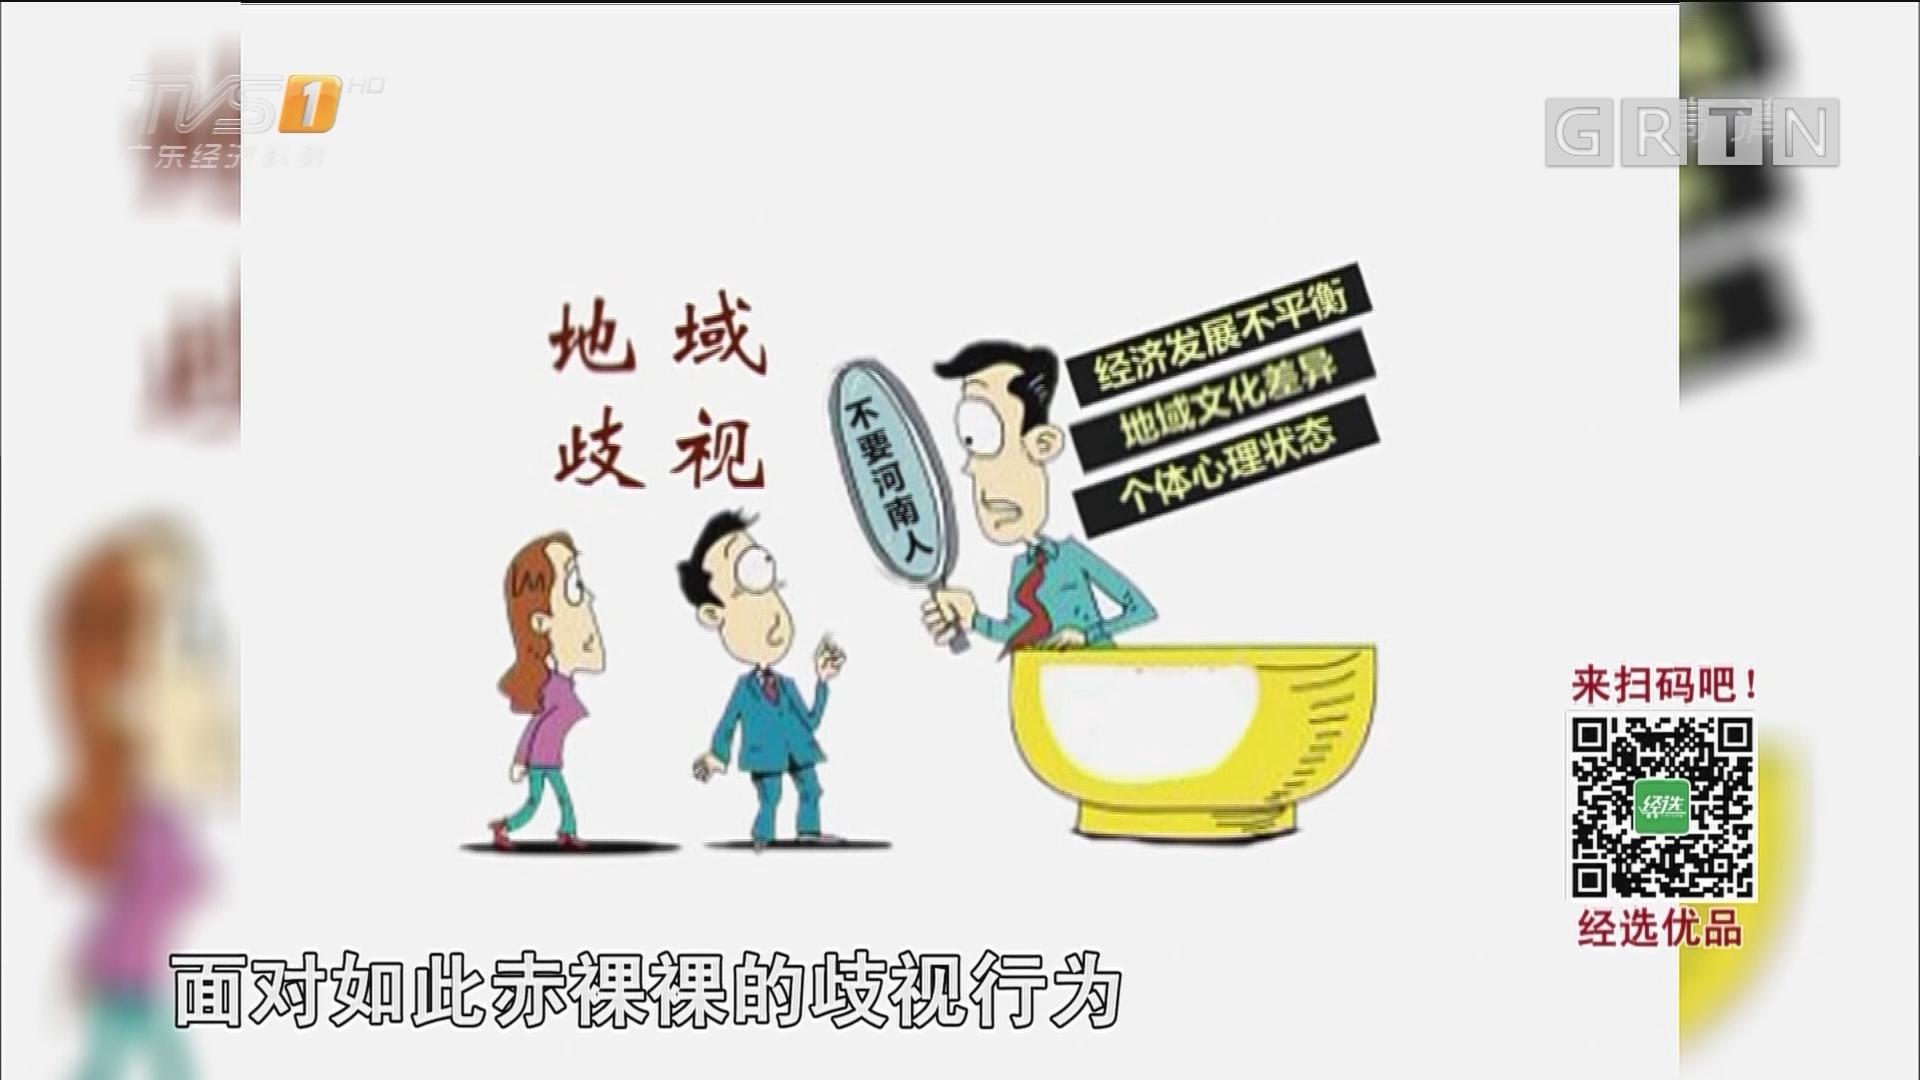 """爱奇艺会议招聘""""地域歧视"""":已辞退当事人"""